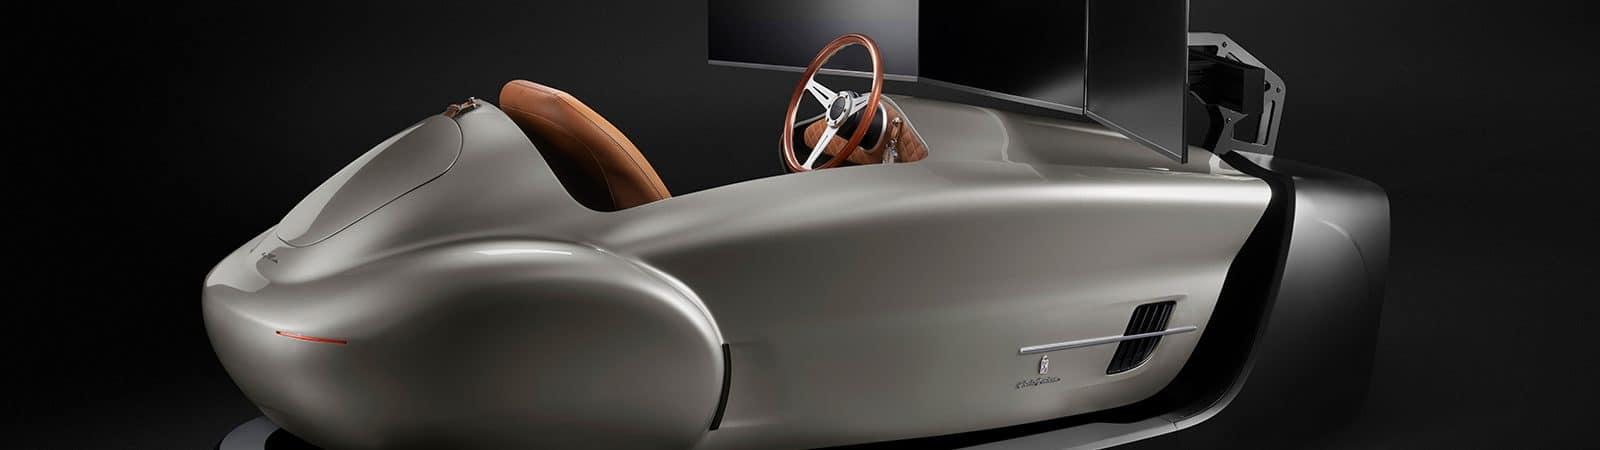 Simulador eClassic Leggenda da Pininfarina e TCCT na cor prateada